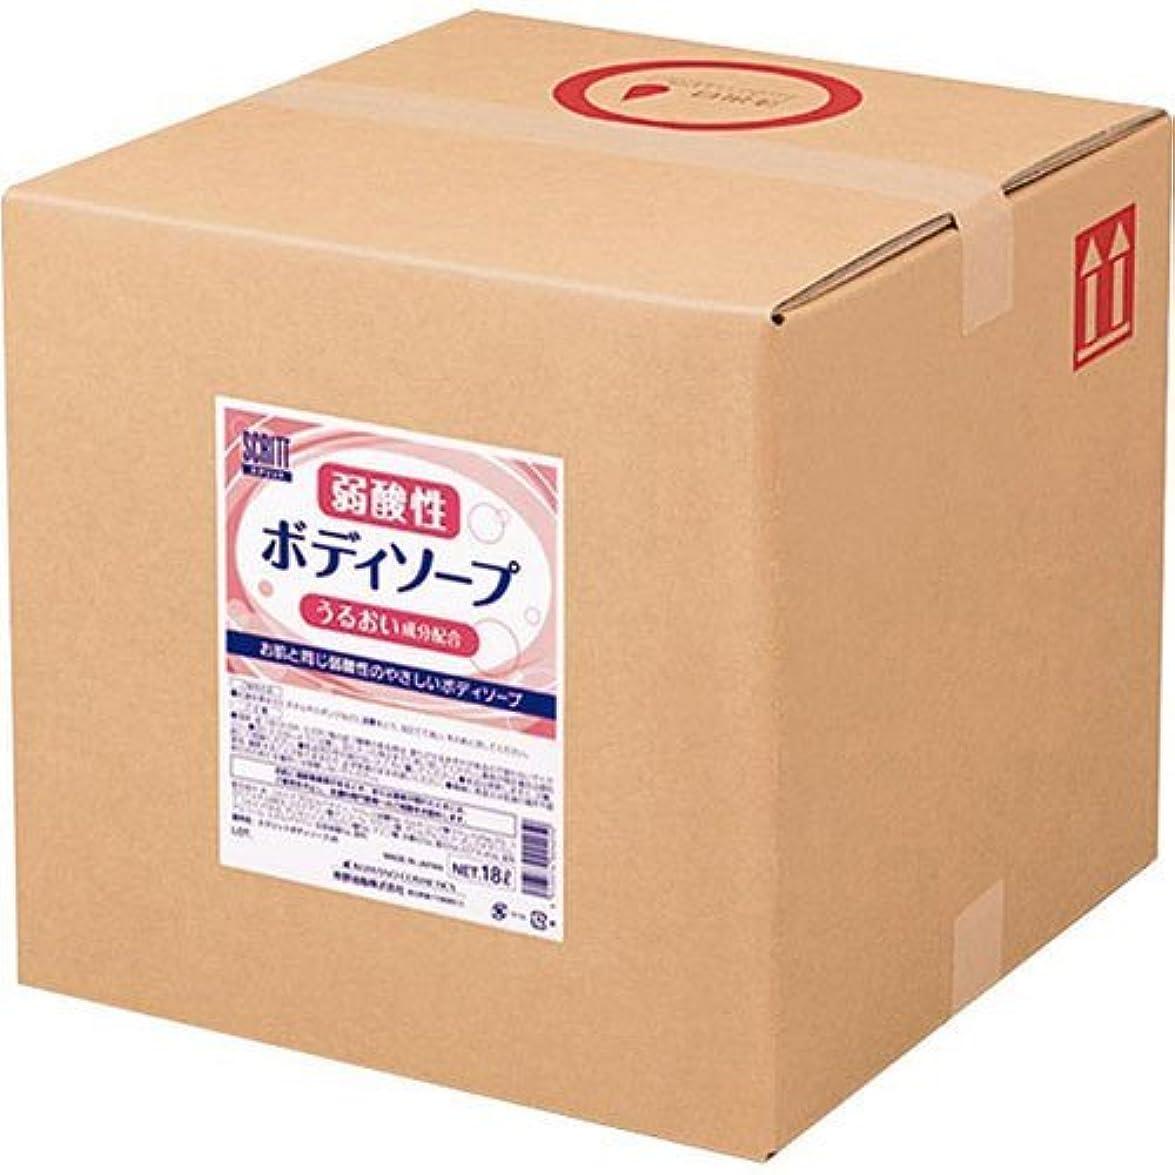 記念立方体ジャズ熊野油脂 業務用 SCRITT(スクリット) 弱酸性ボディソープ 18L